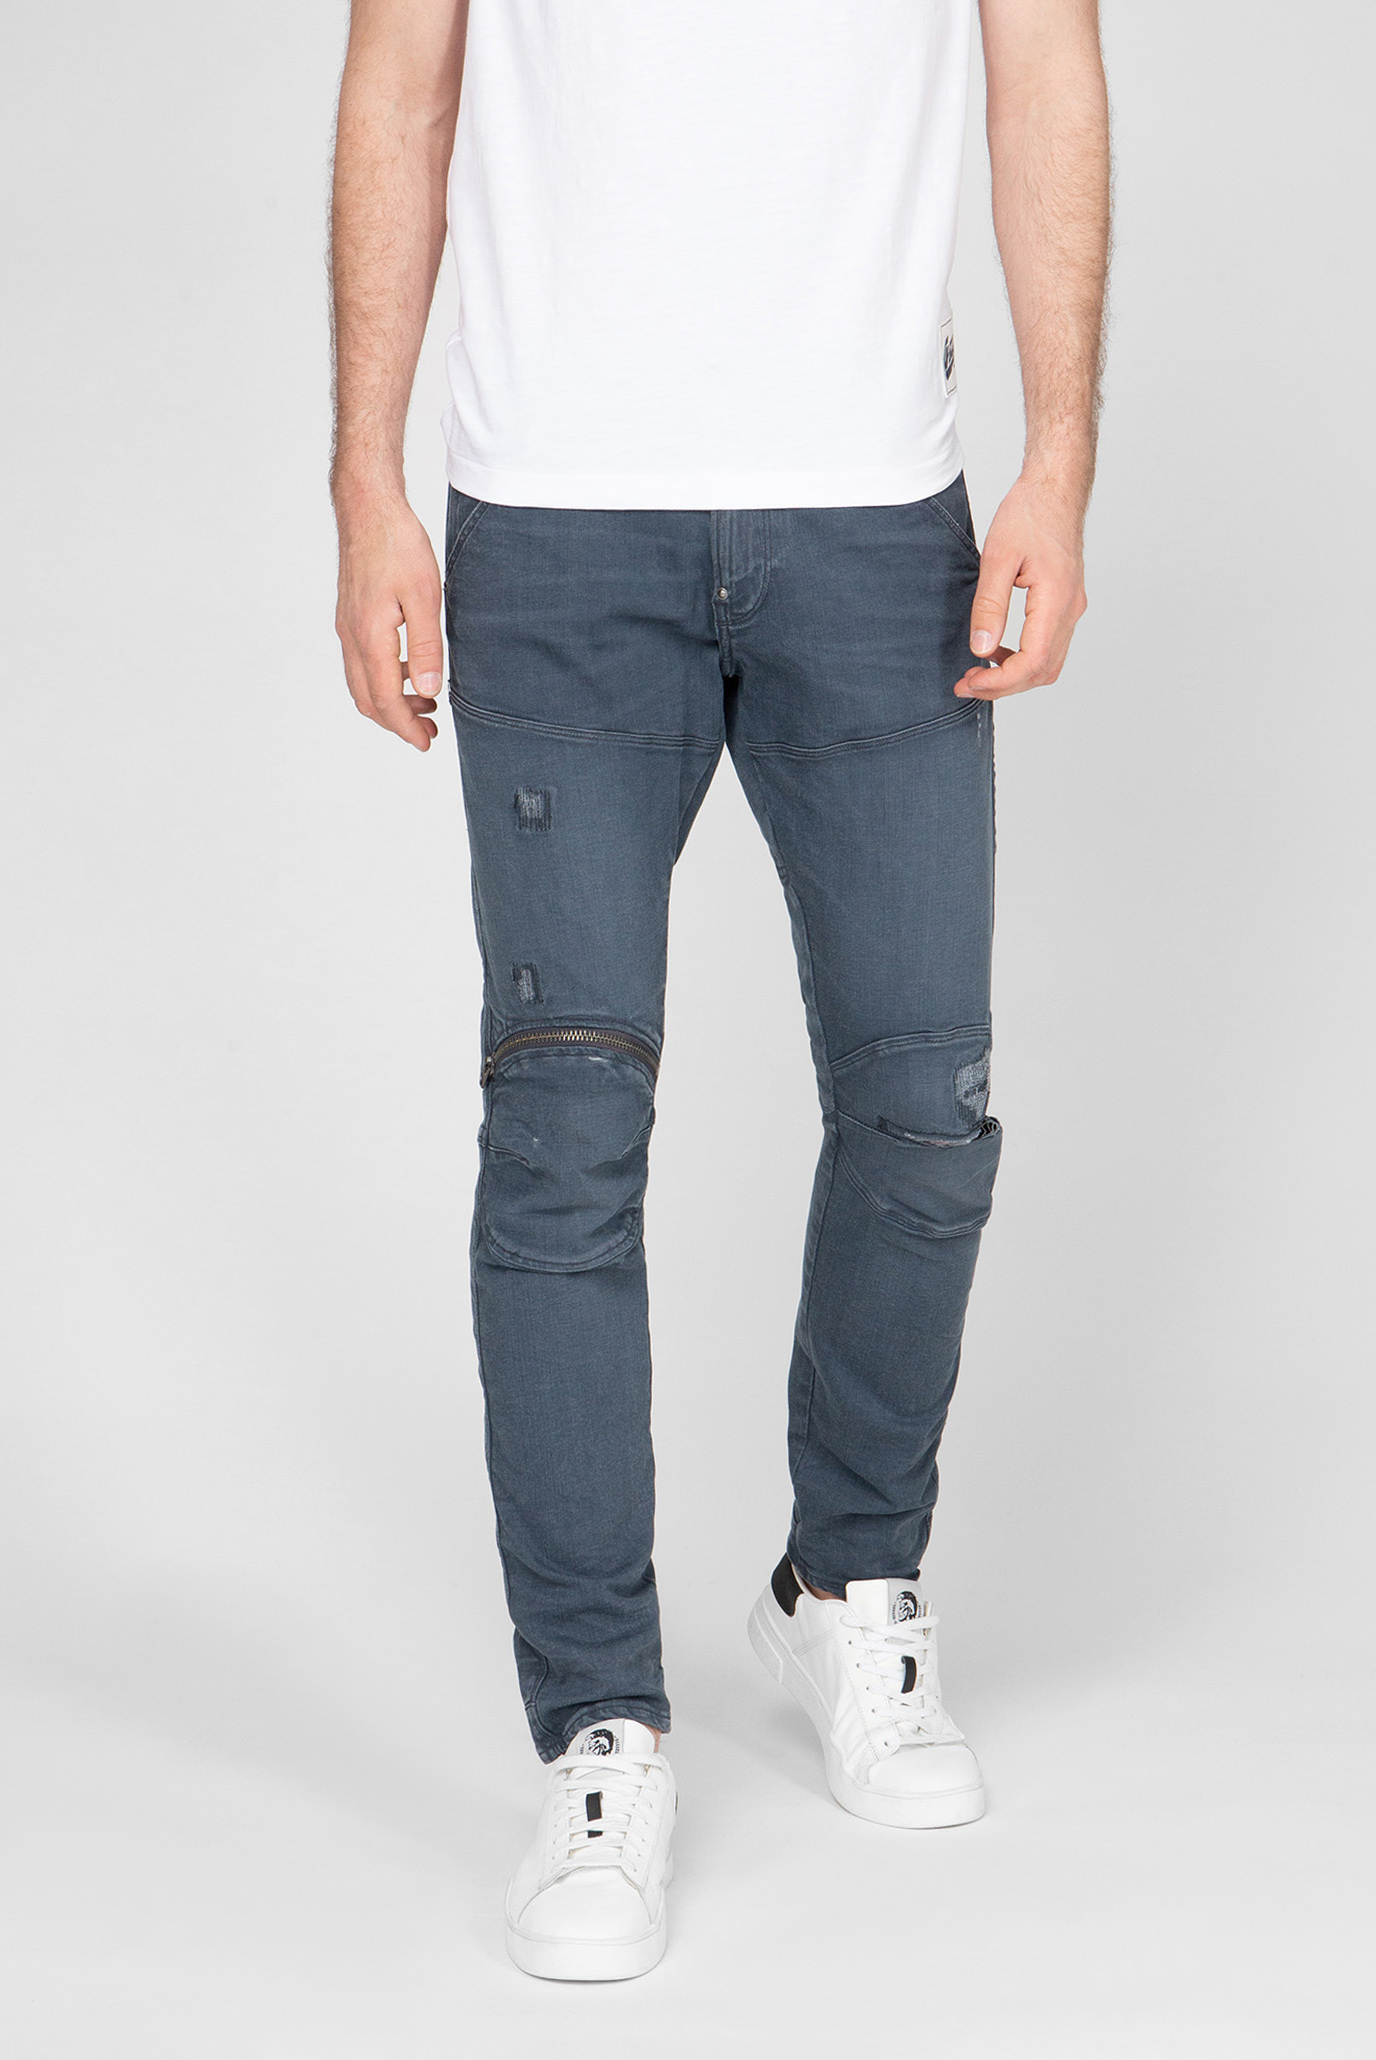 Чоловічі сірі джинси 5620 3D Zip Knee Skinny 1